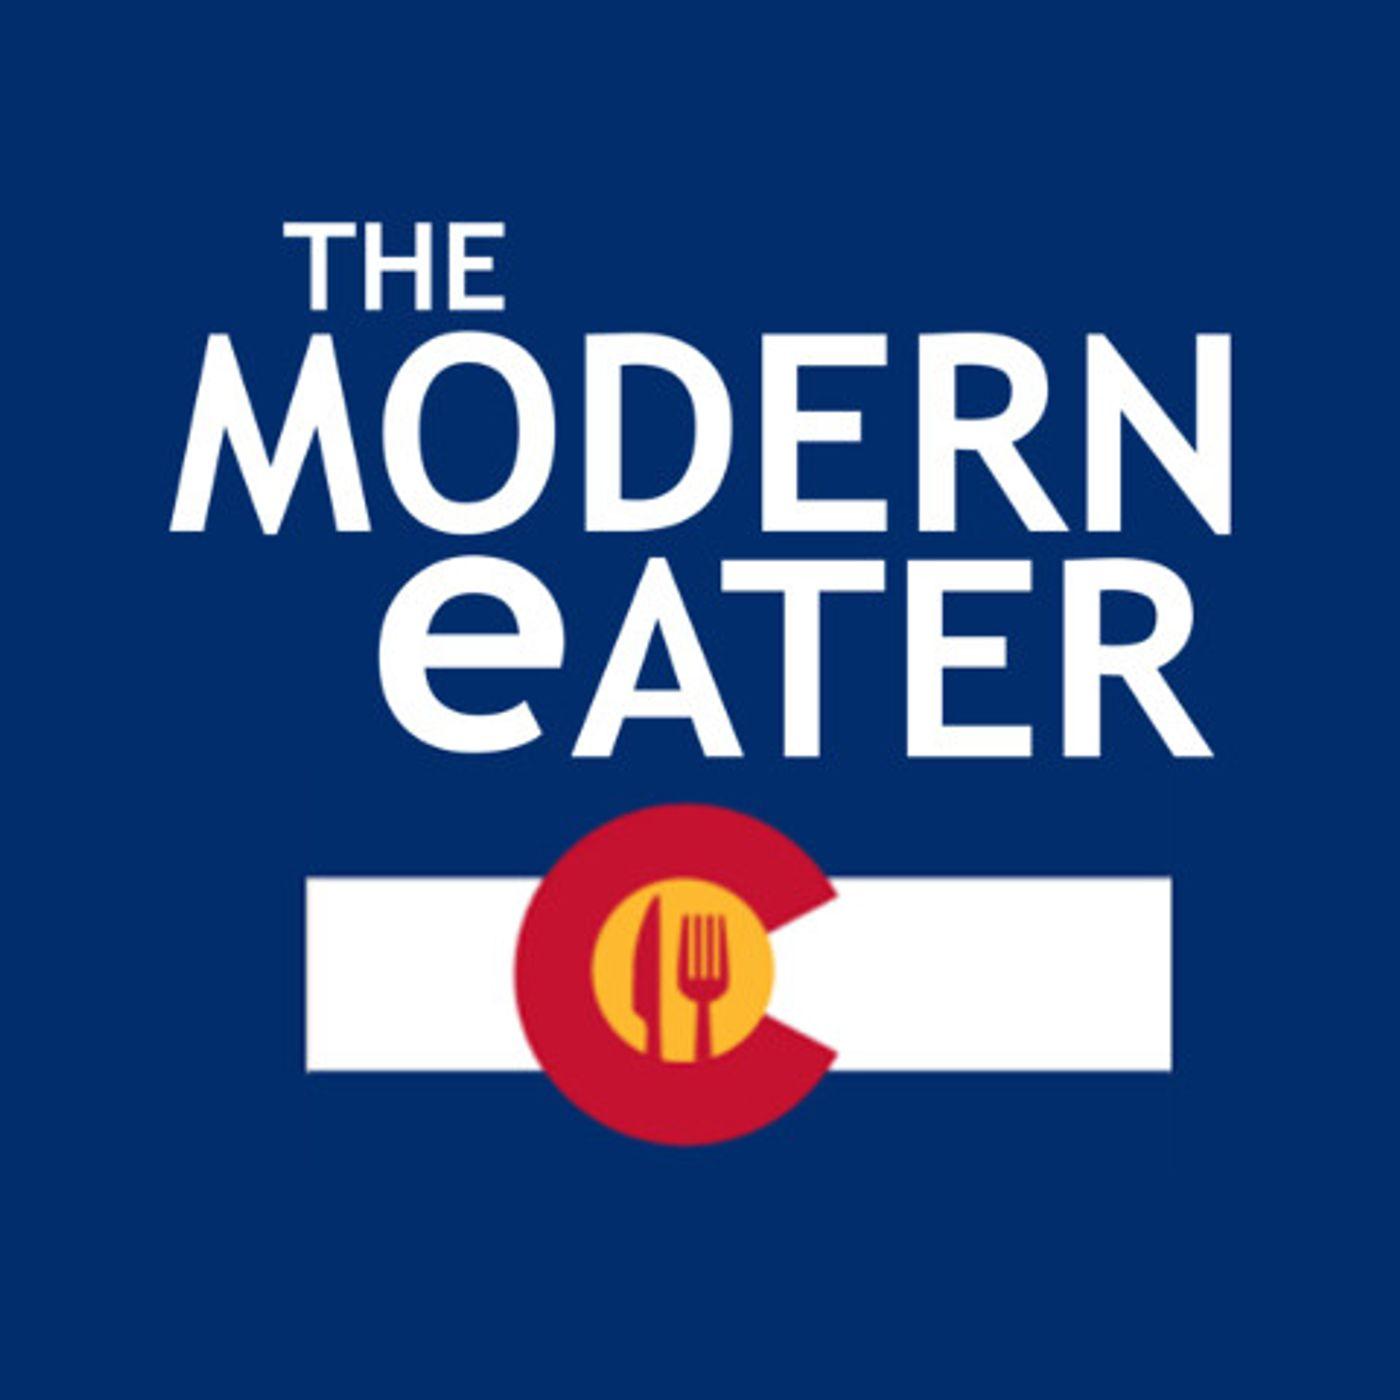 The Modern Eater Network